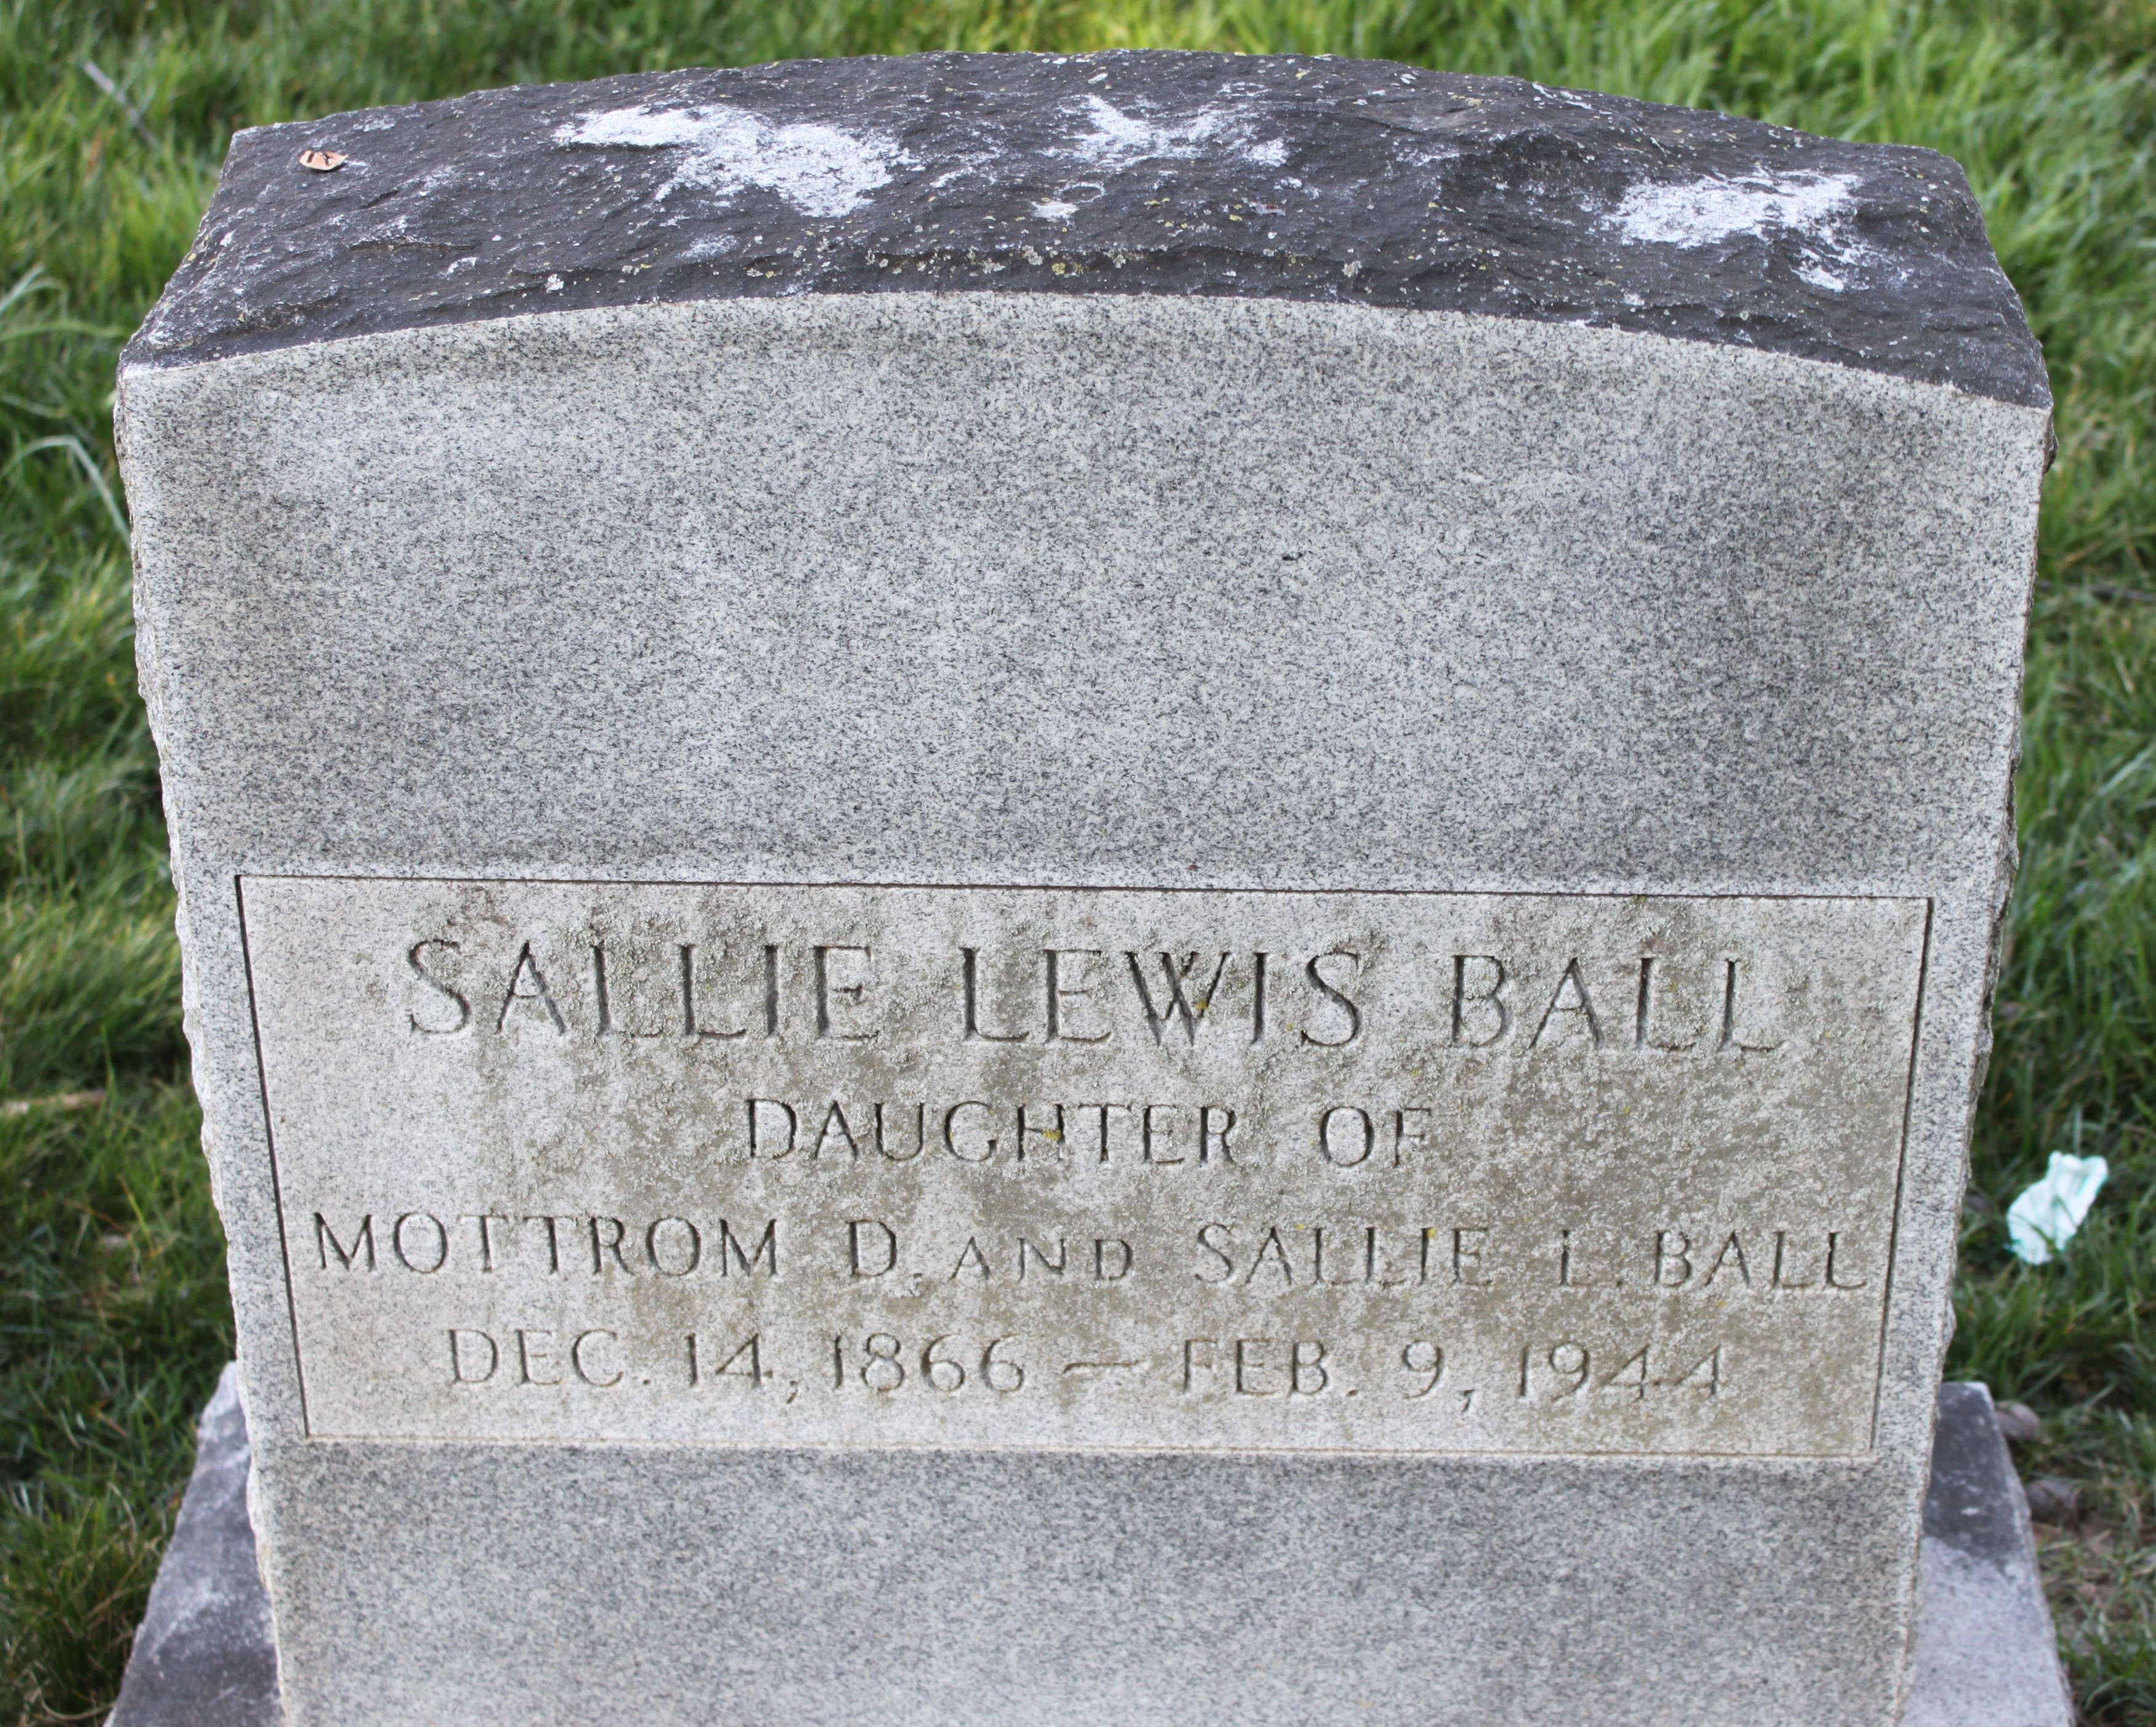 Sarah Lewis Sallie Ball